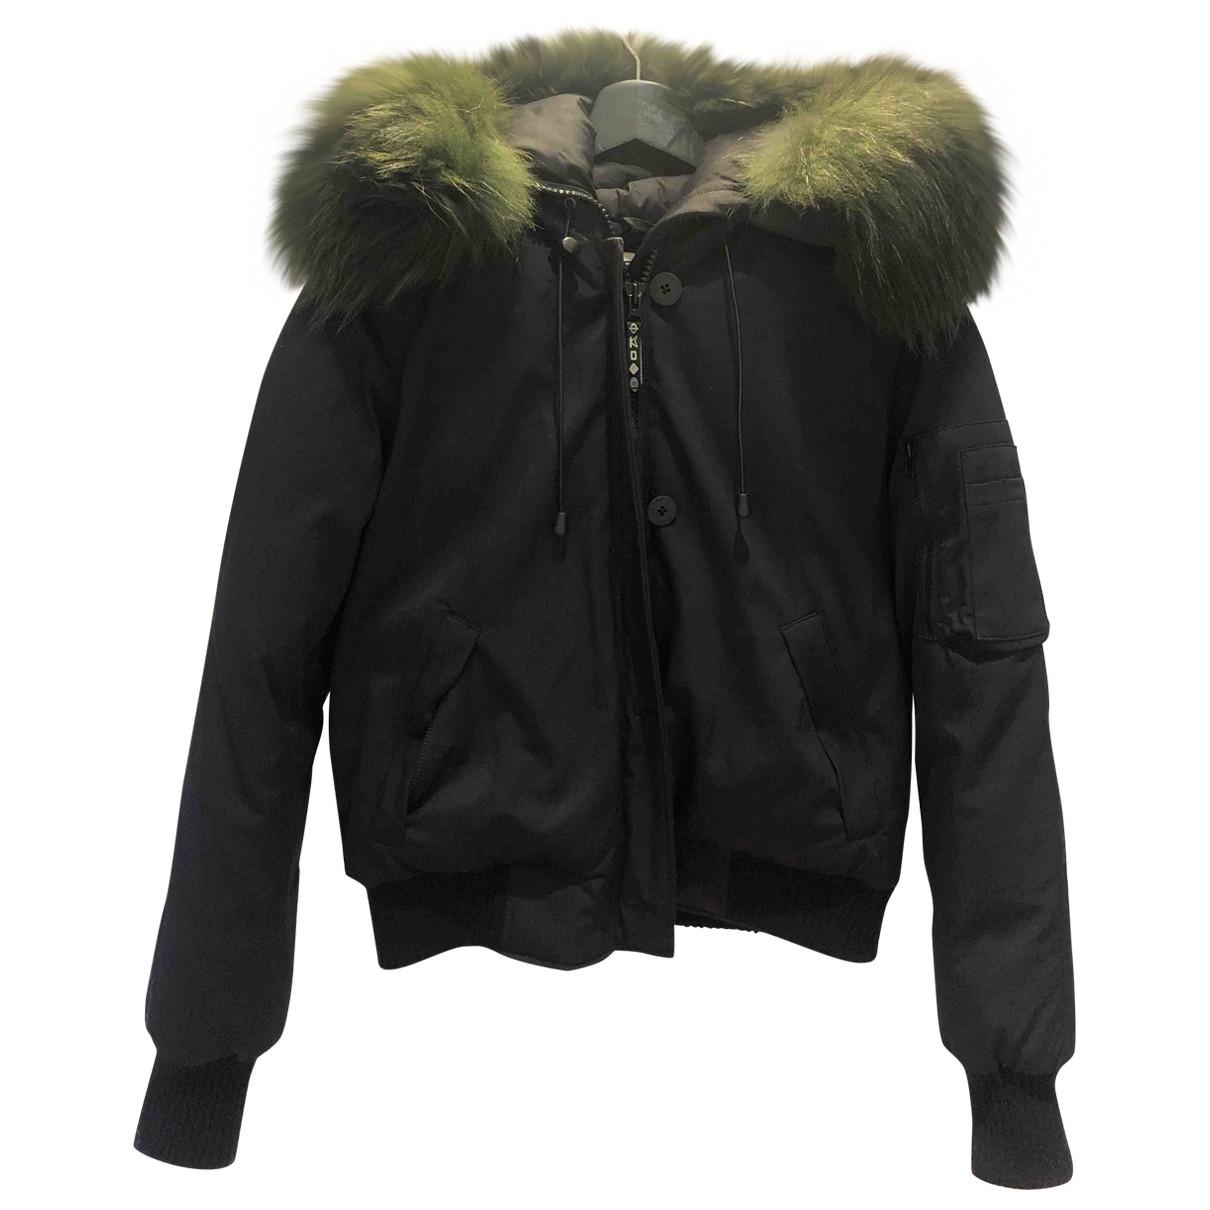 Kenzo \N Anthracite coat for Women 38 FR